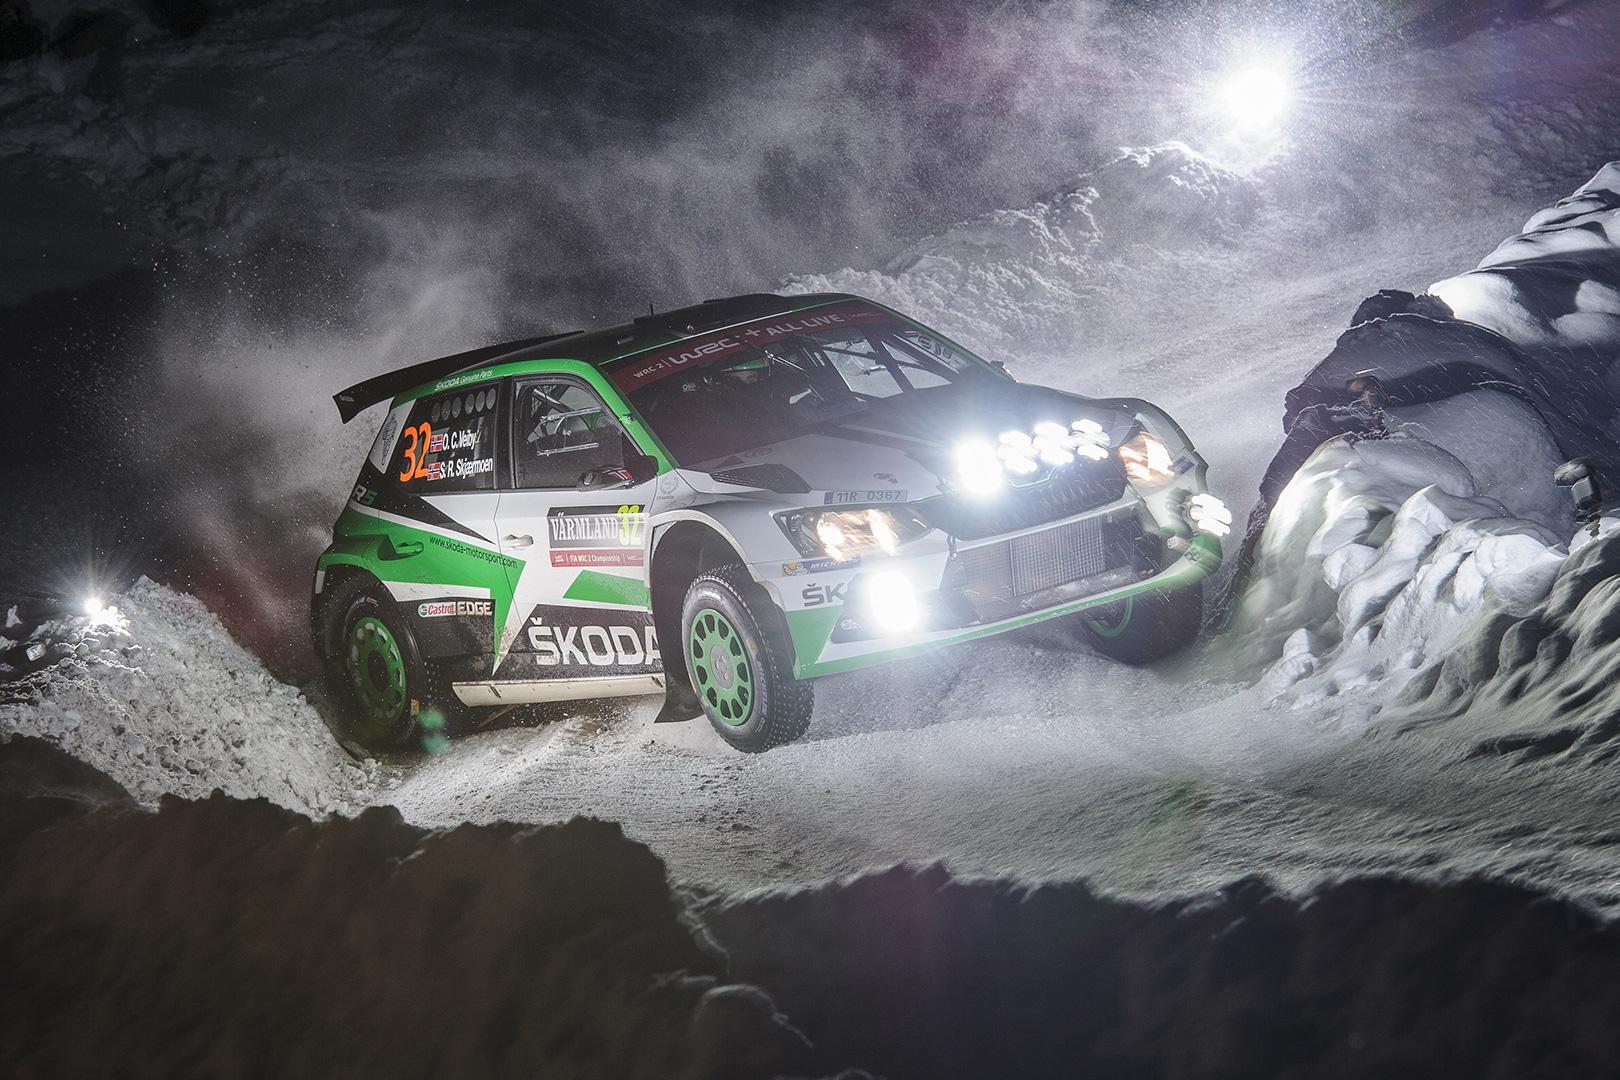 Eerik Pietarinen to Make His Debut with ŠKODA Motorsport at Rally Sweden